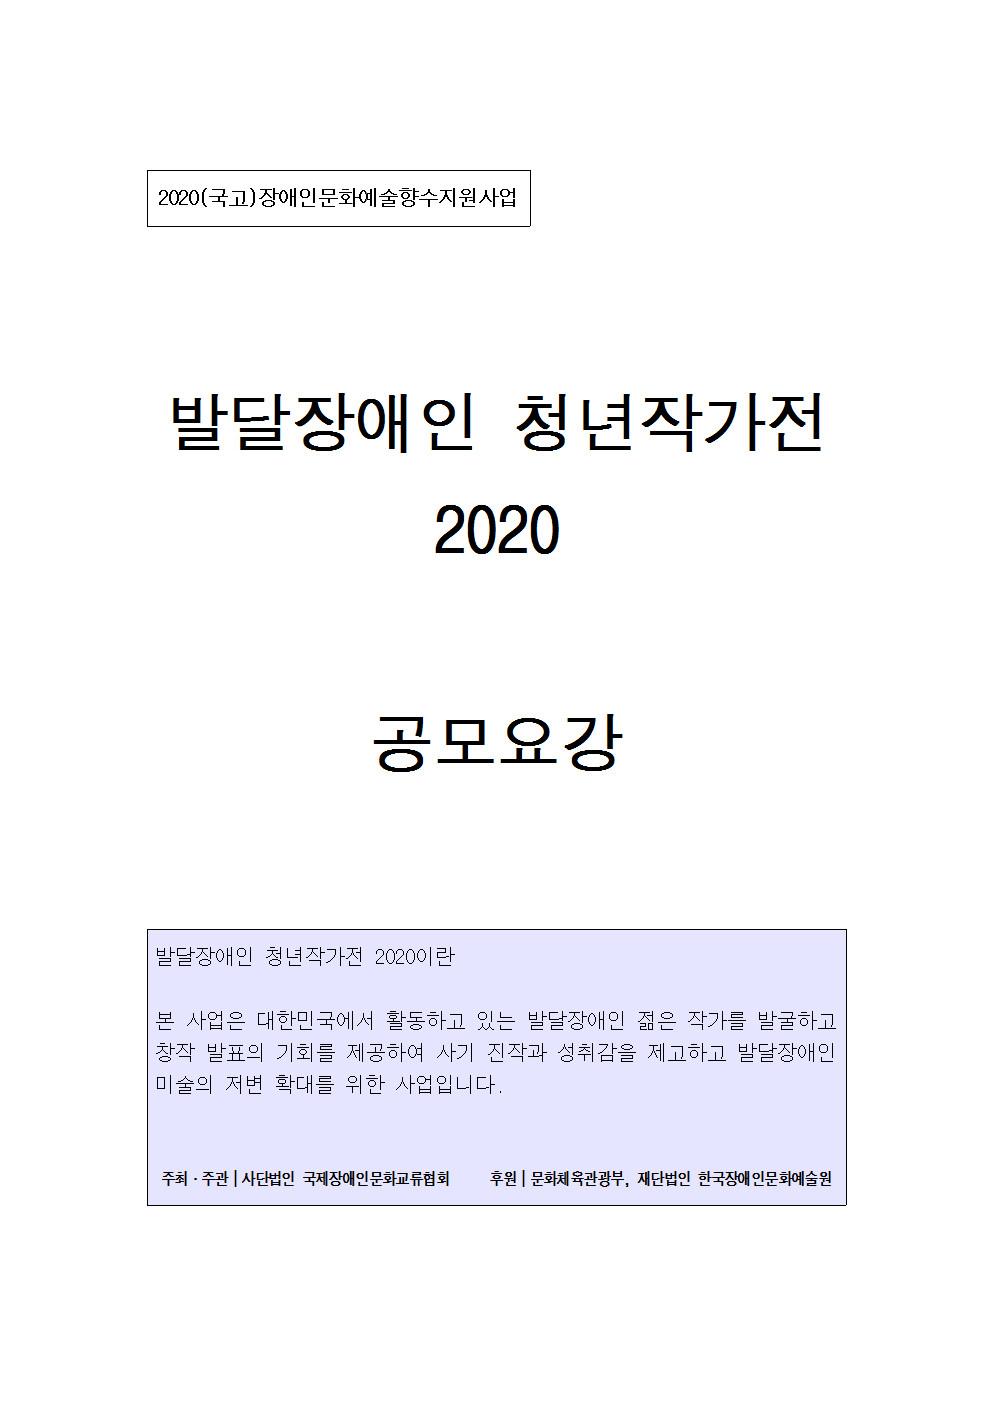 발달장애인청년작가전2020+공모요강+최종 (3).jpg